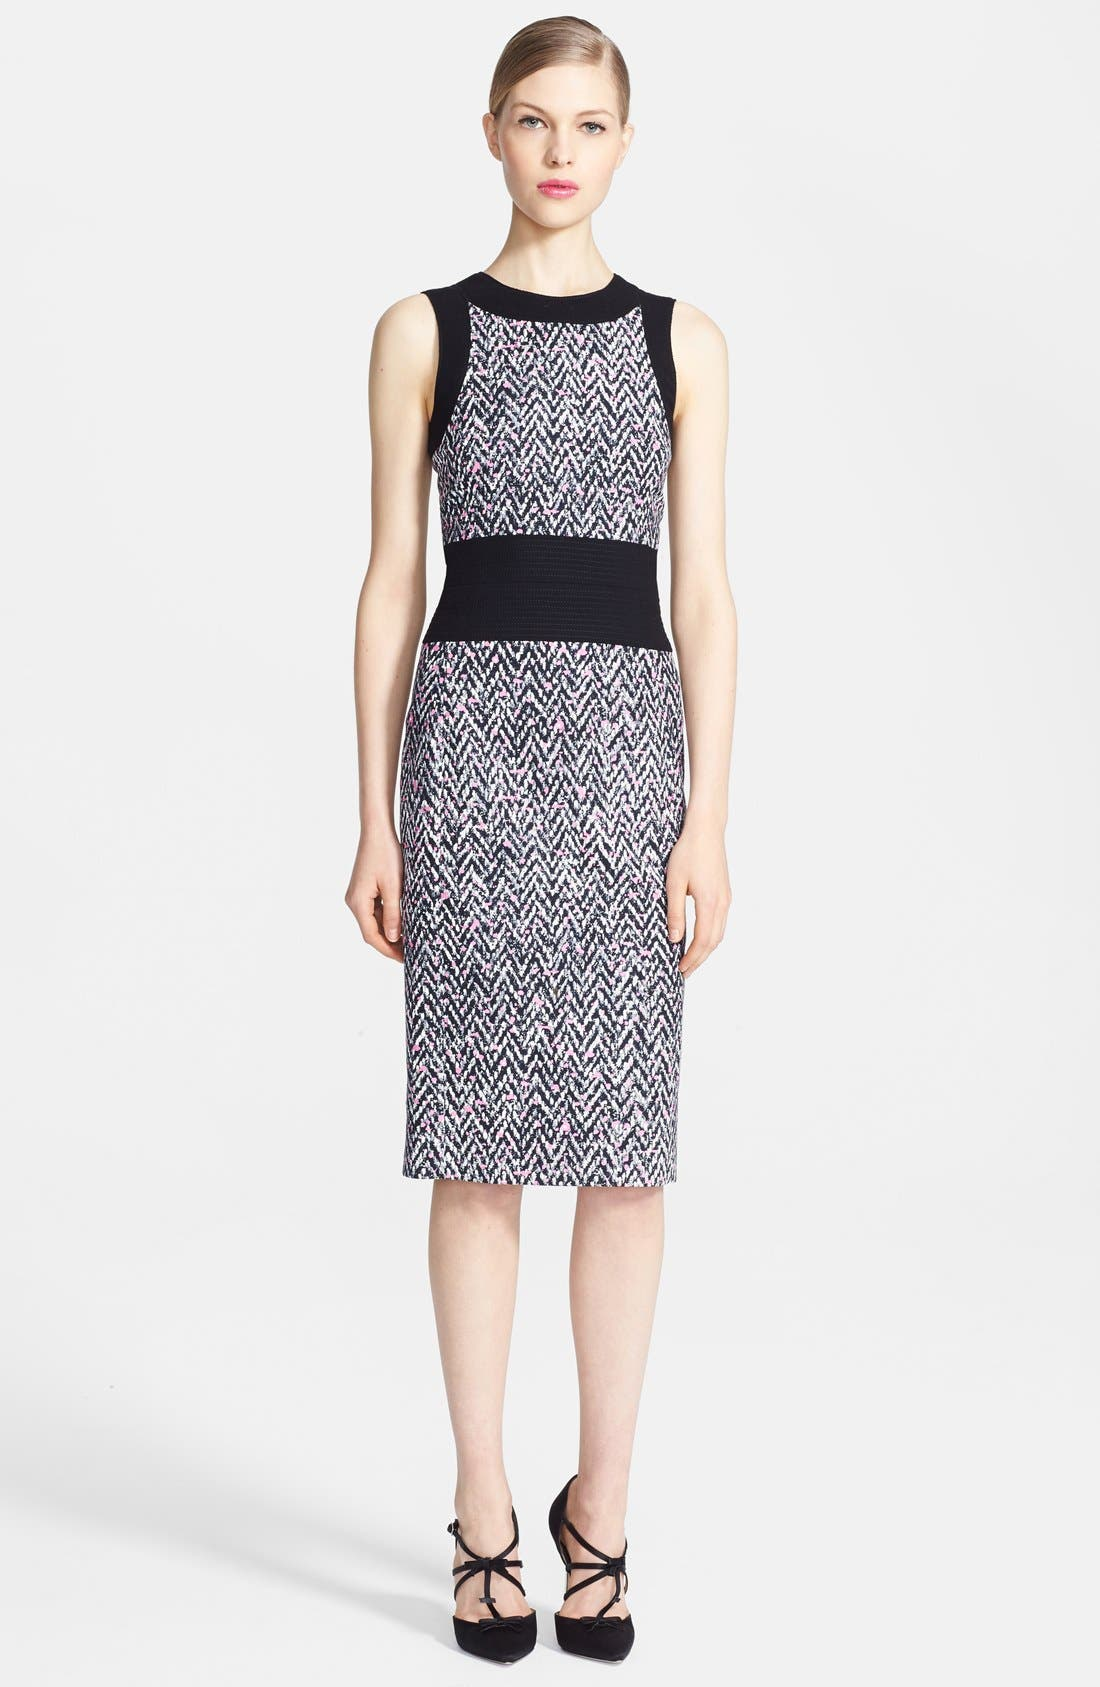 Main Image - Oscar de la Renta Tweed Pencil Dress